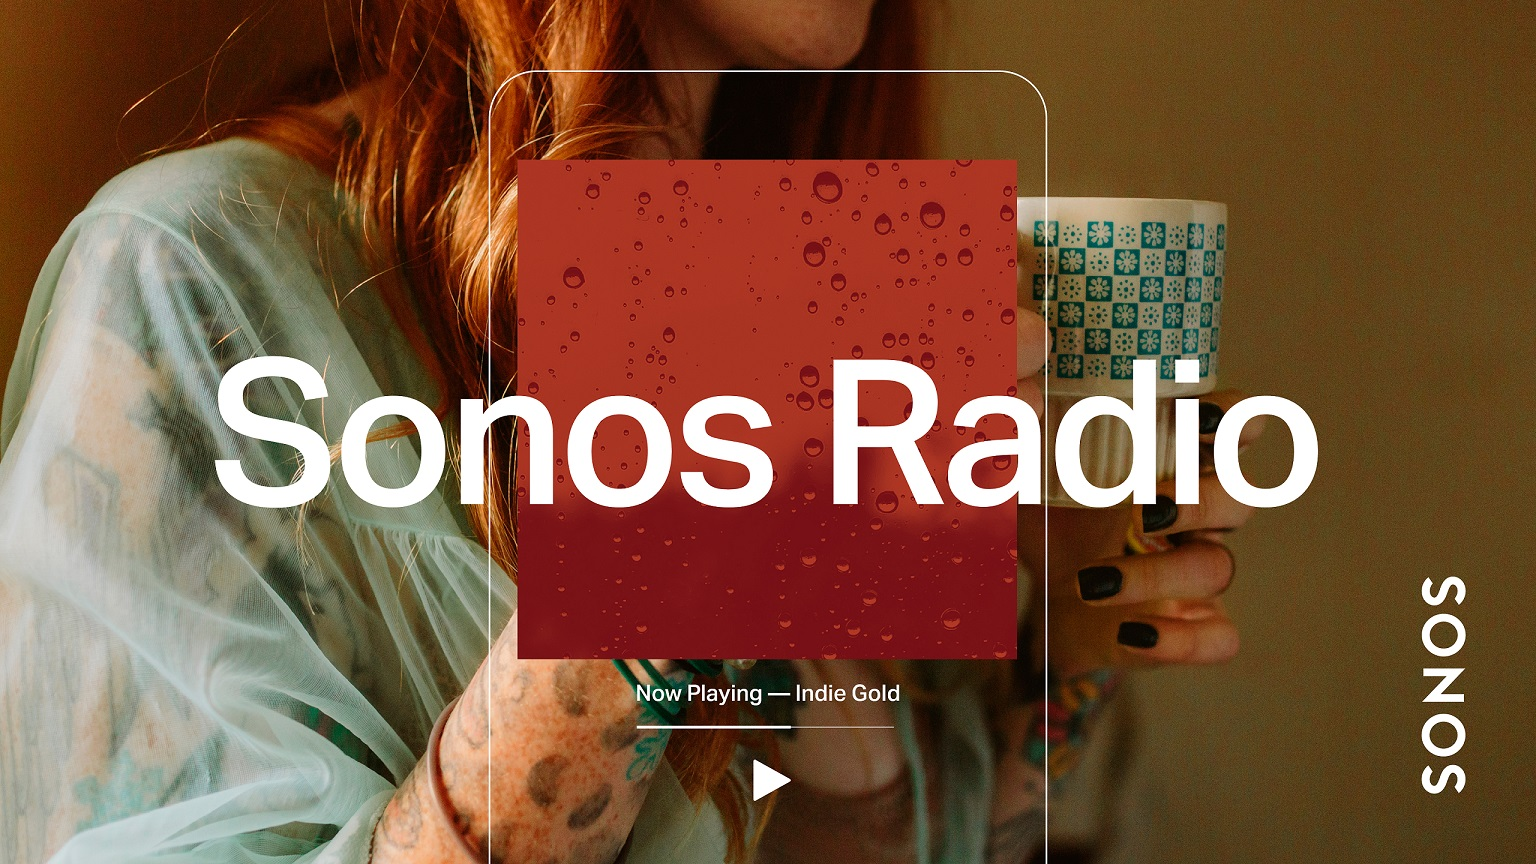 Pojawiła się nowa usługa streamingu radia - za darmo, ale tylko na sprzęt Sonos 21